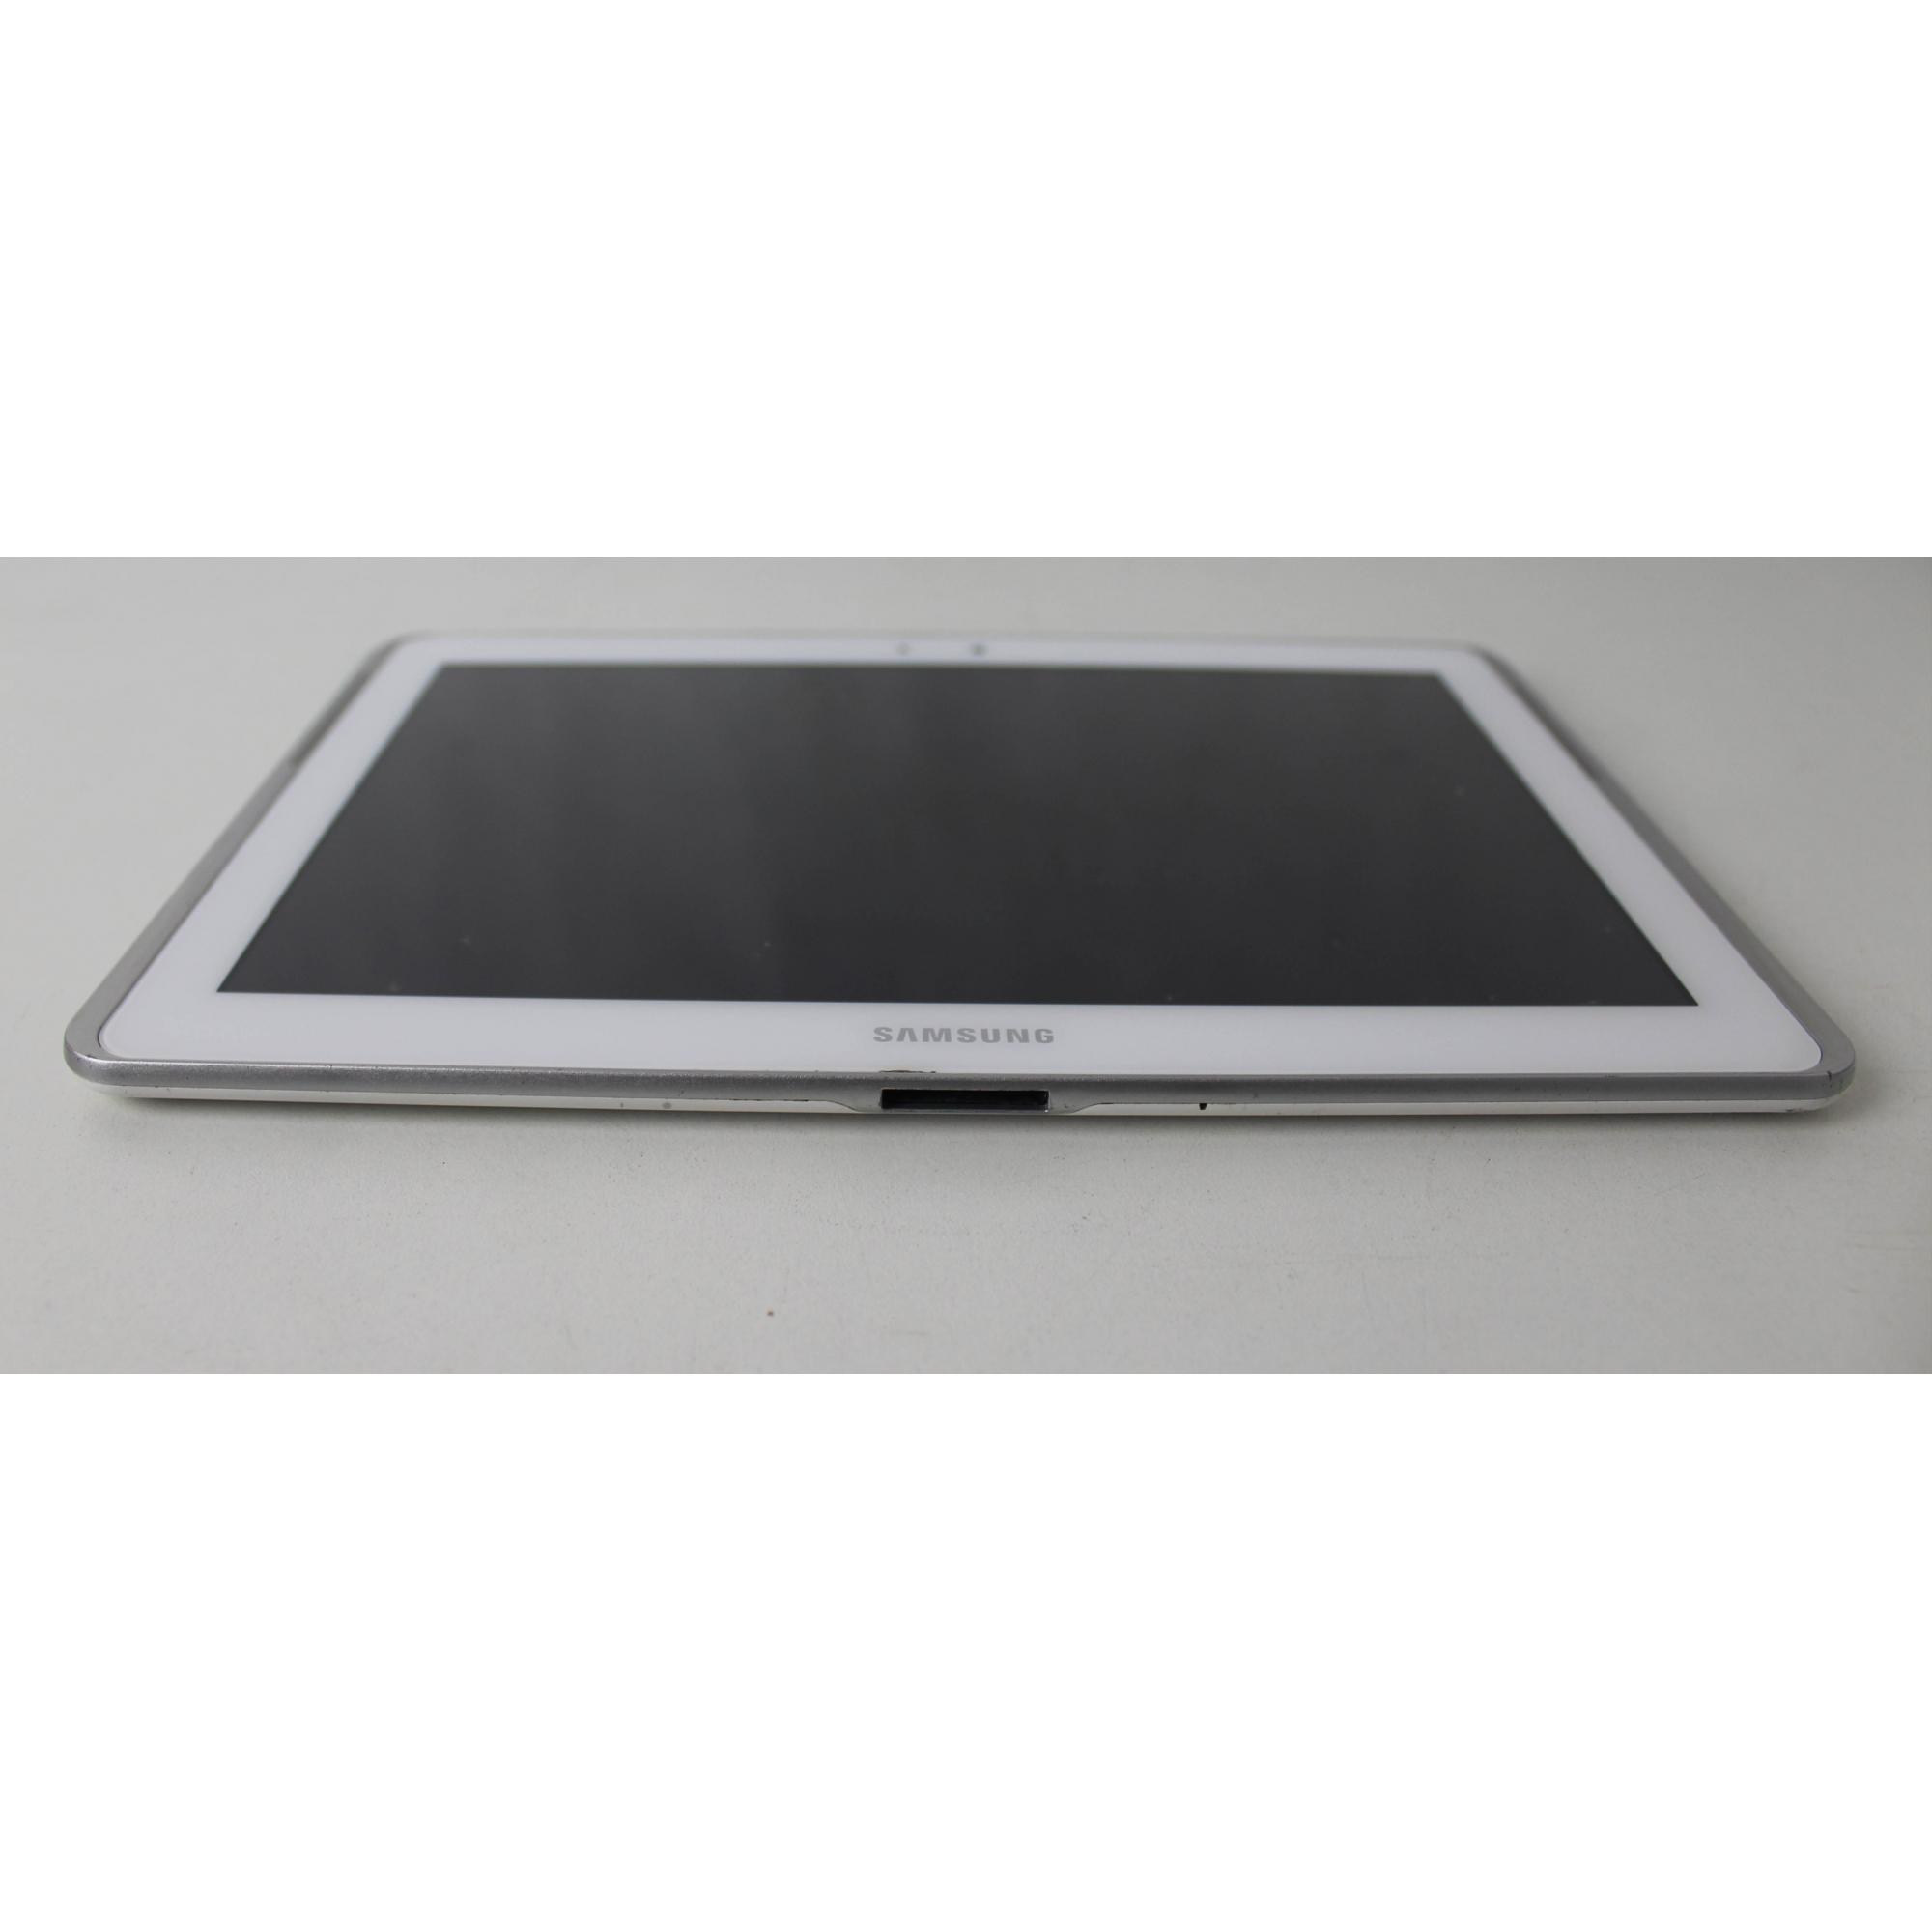 """TABLET SAMSUNG GALAXY TAB 2 GT-P5100 10.1"""" 16GB - WIFI + 3G (BRANCO)"""